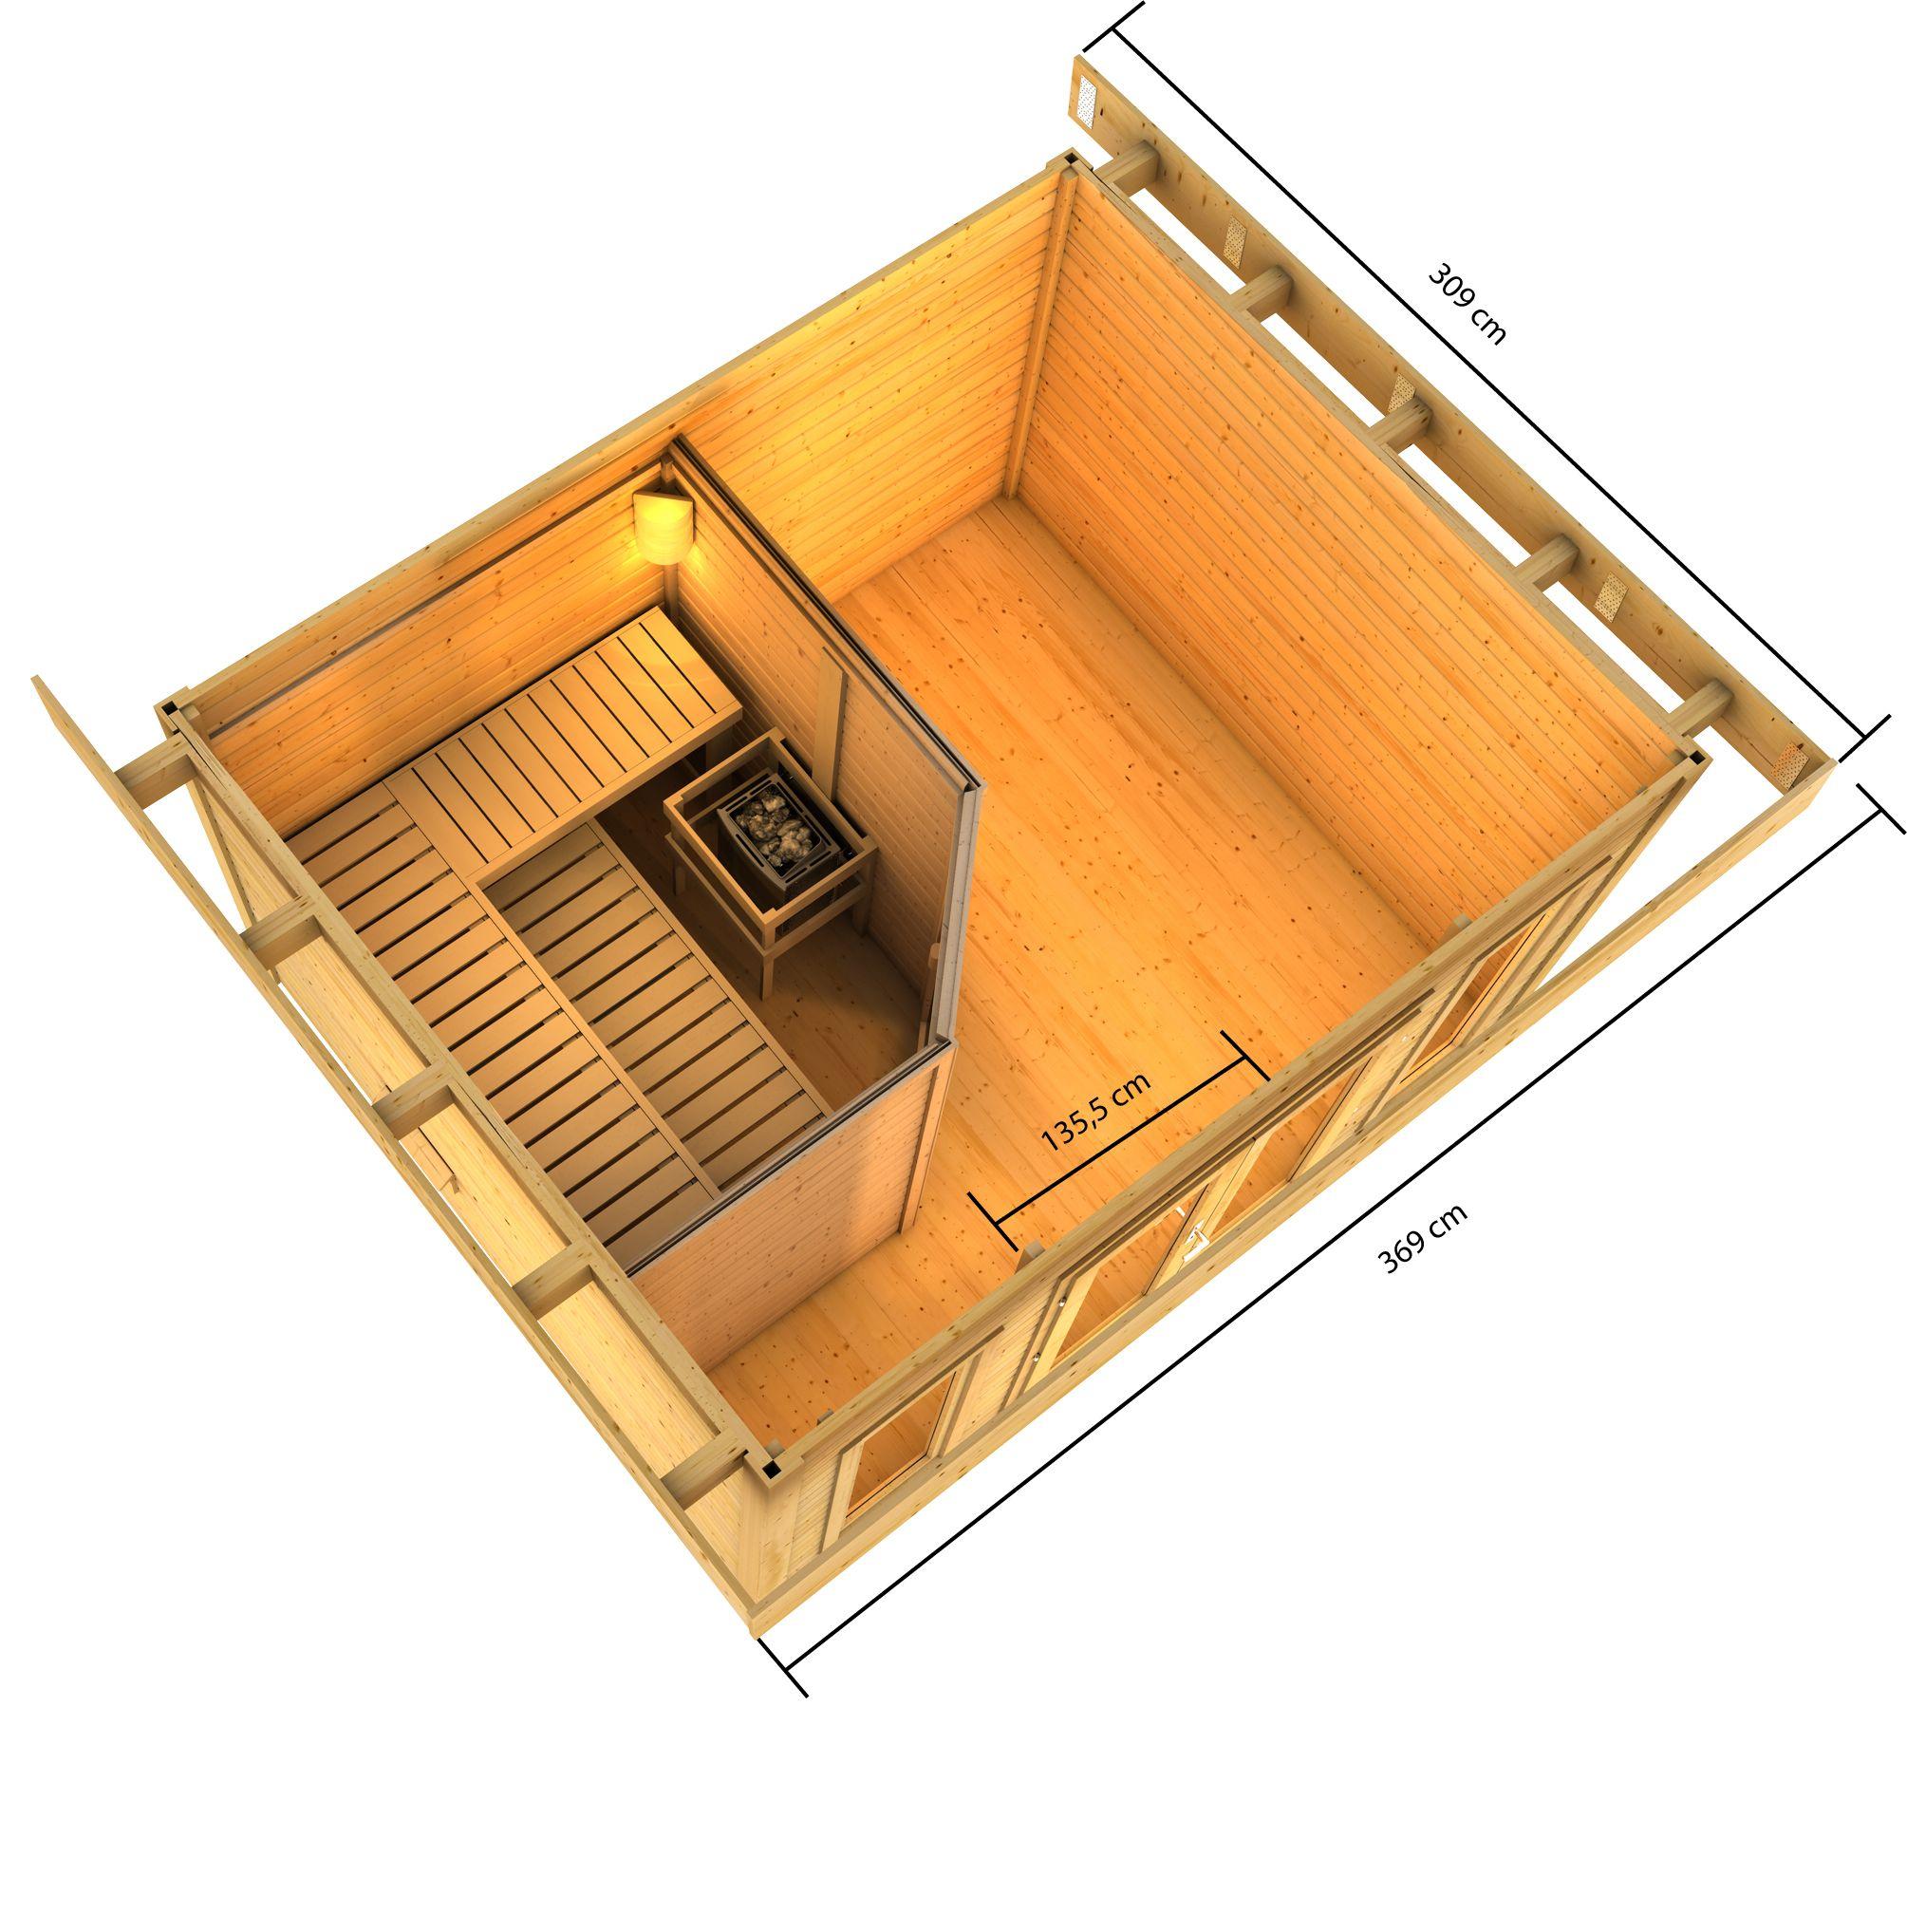 Gartensauna Karibu Saunahaus Nordin 38mm ohne Saunaofen Bild 2